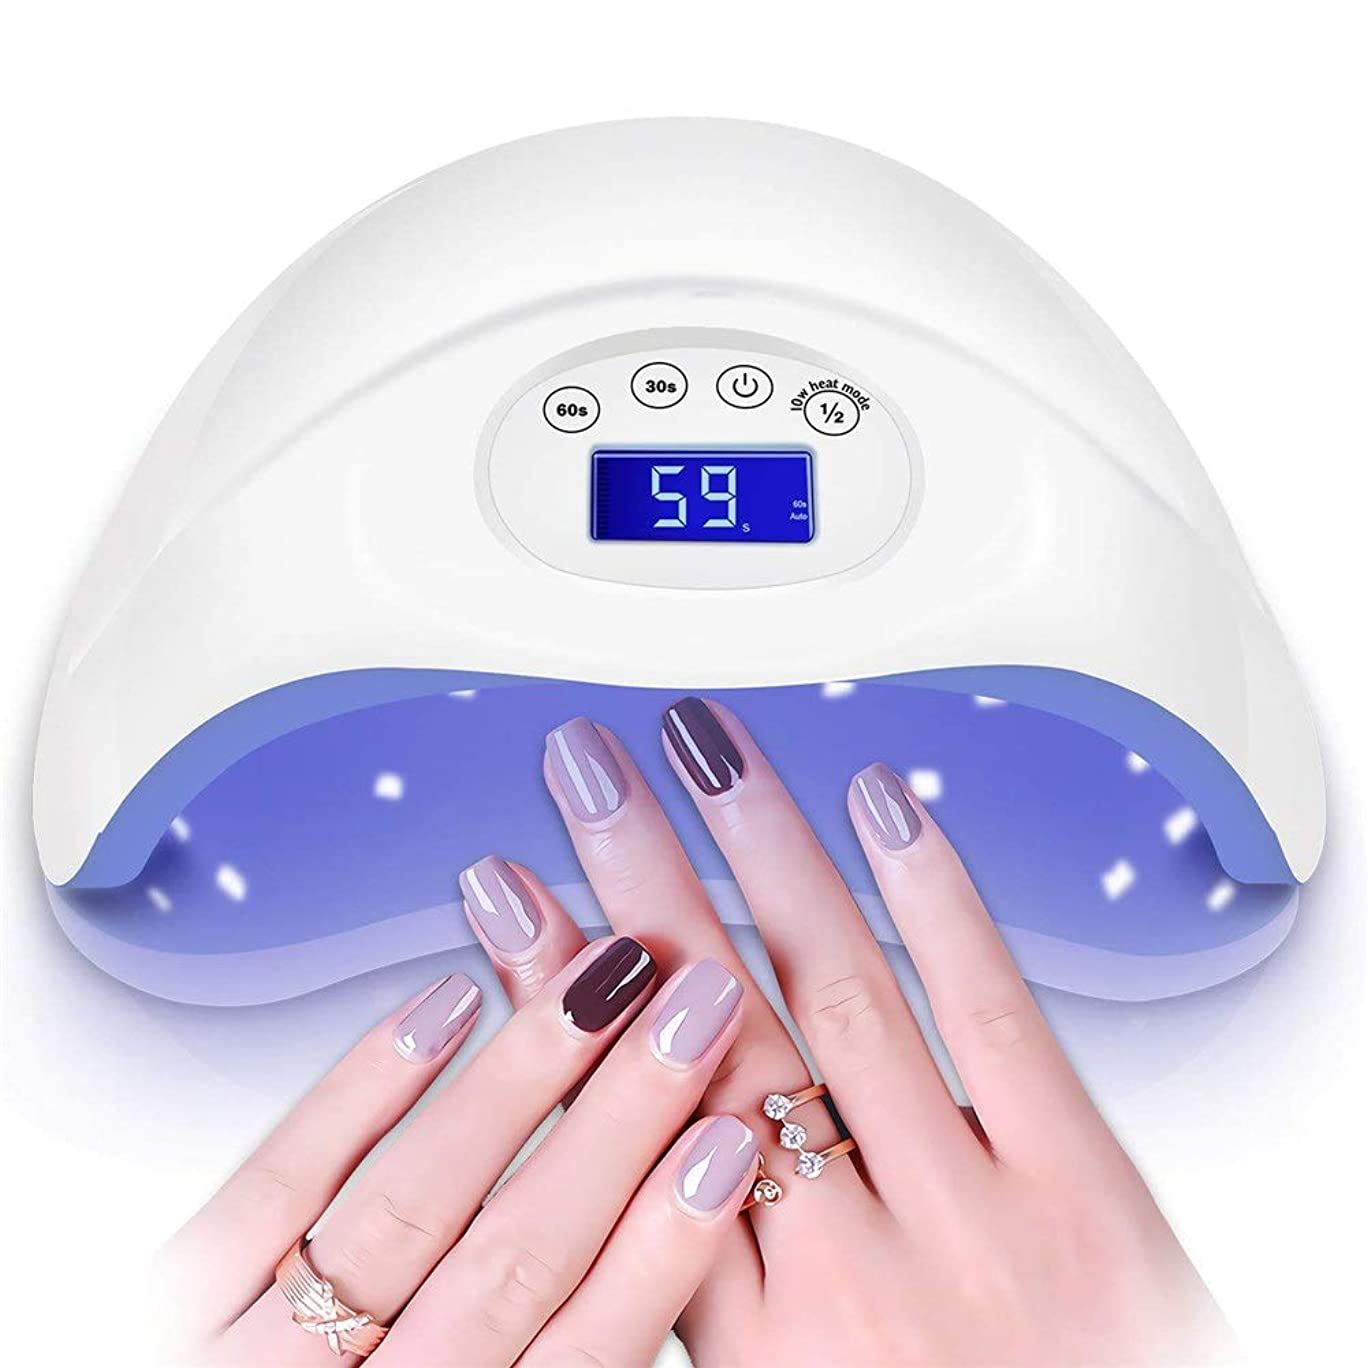 登録する以上傑作48W UVネイルランプ、自動センサーと爪または足の爪用のスイッチを備えたネイルドライヤー、ジェルネイル用のプロフェッショナルUVライト、サロンまたはネイル愛好家向けのタイマー設定